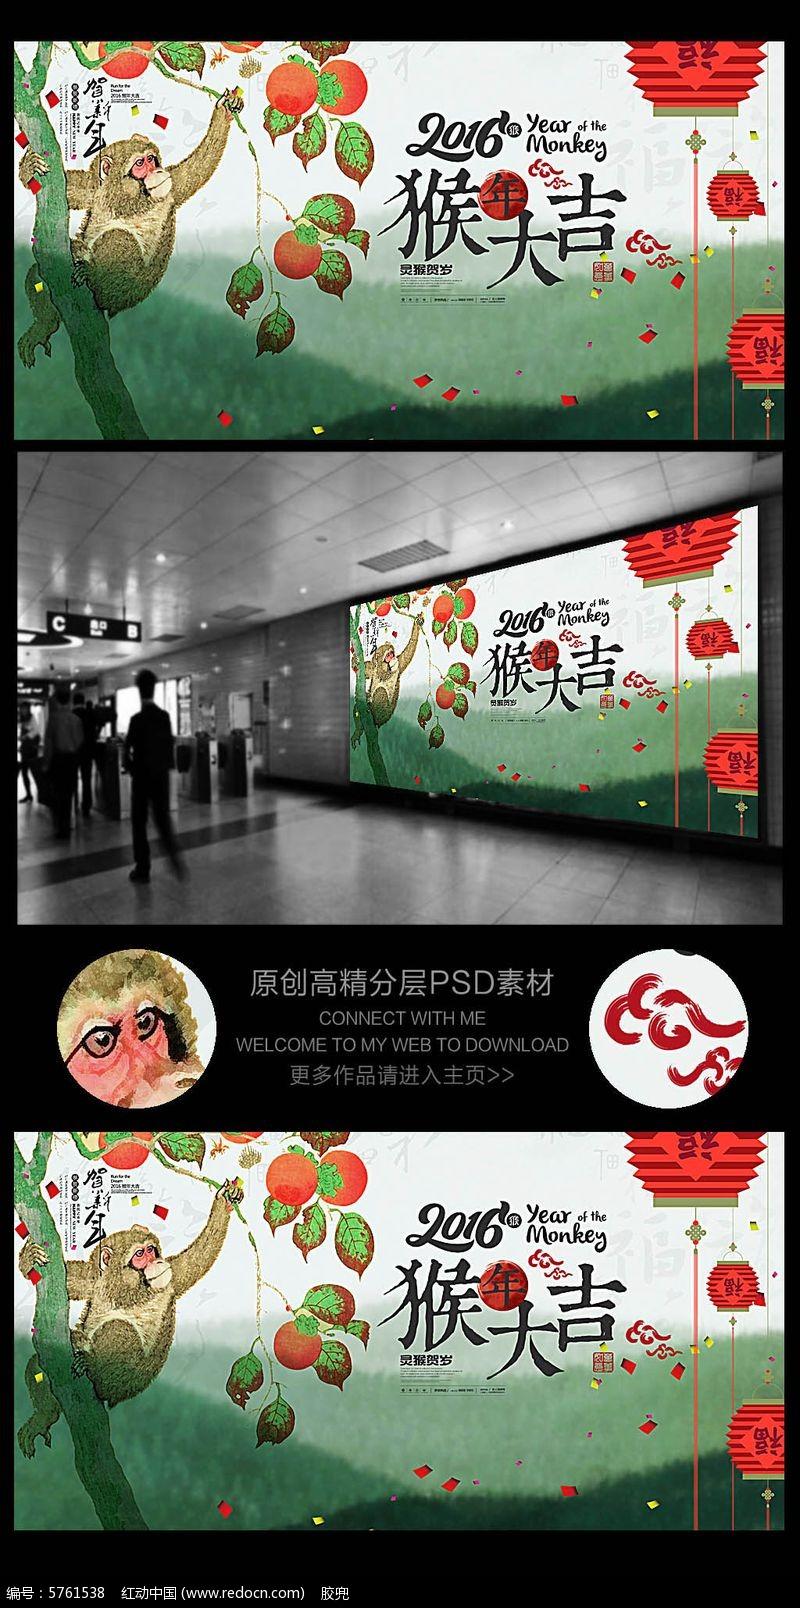 猴年大吉手绘猴子春节海报